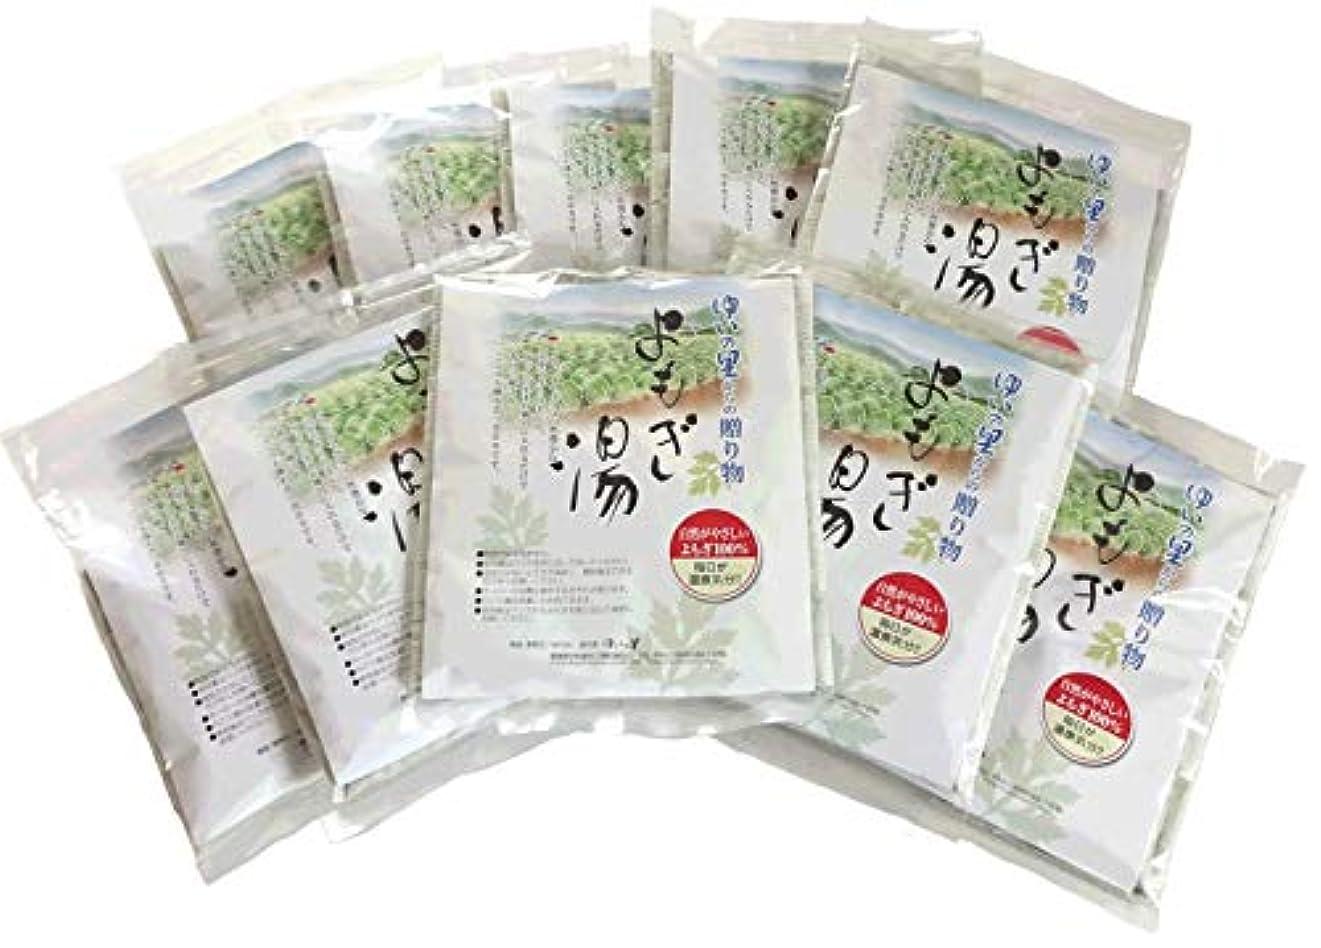 プラカード食品打たれたトラックよもぎ湯入浴パック 10袋セット 愛媛県産 自家栽培よもぎ100%使用